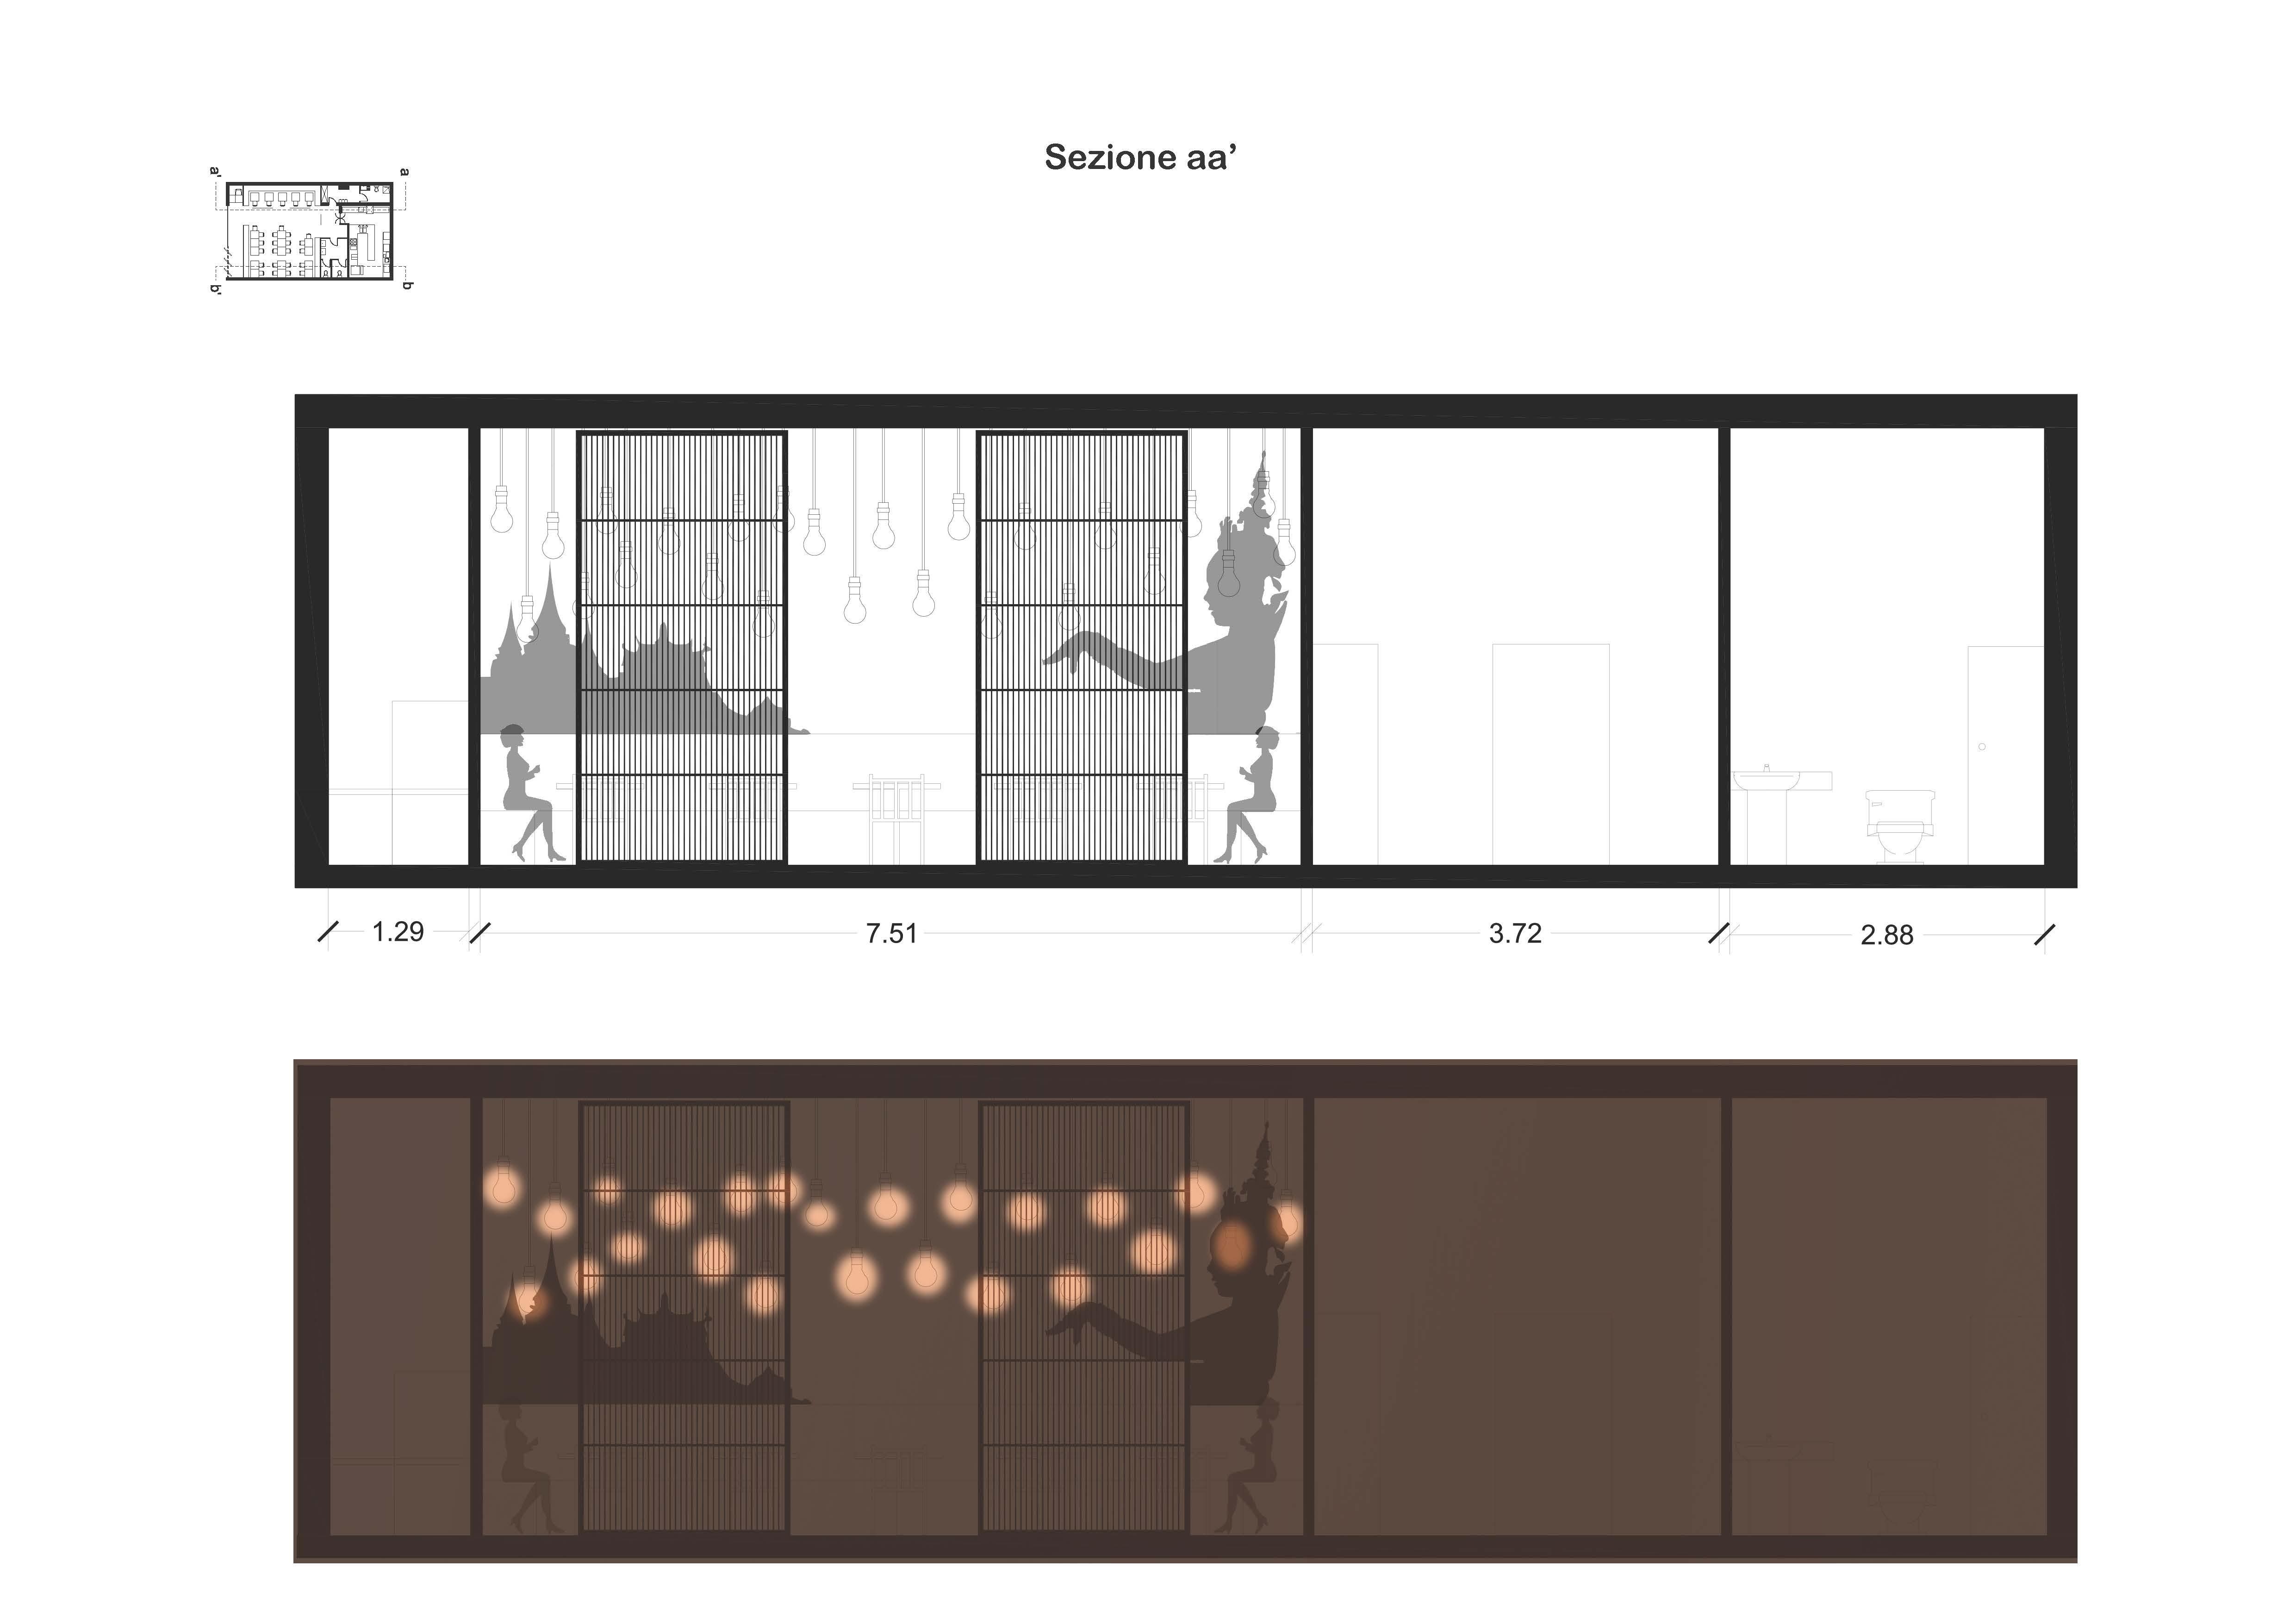 Corsi di interior design roma simple design master di primo livello with corsi di interior - Corsi di interior design roma ...